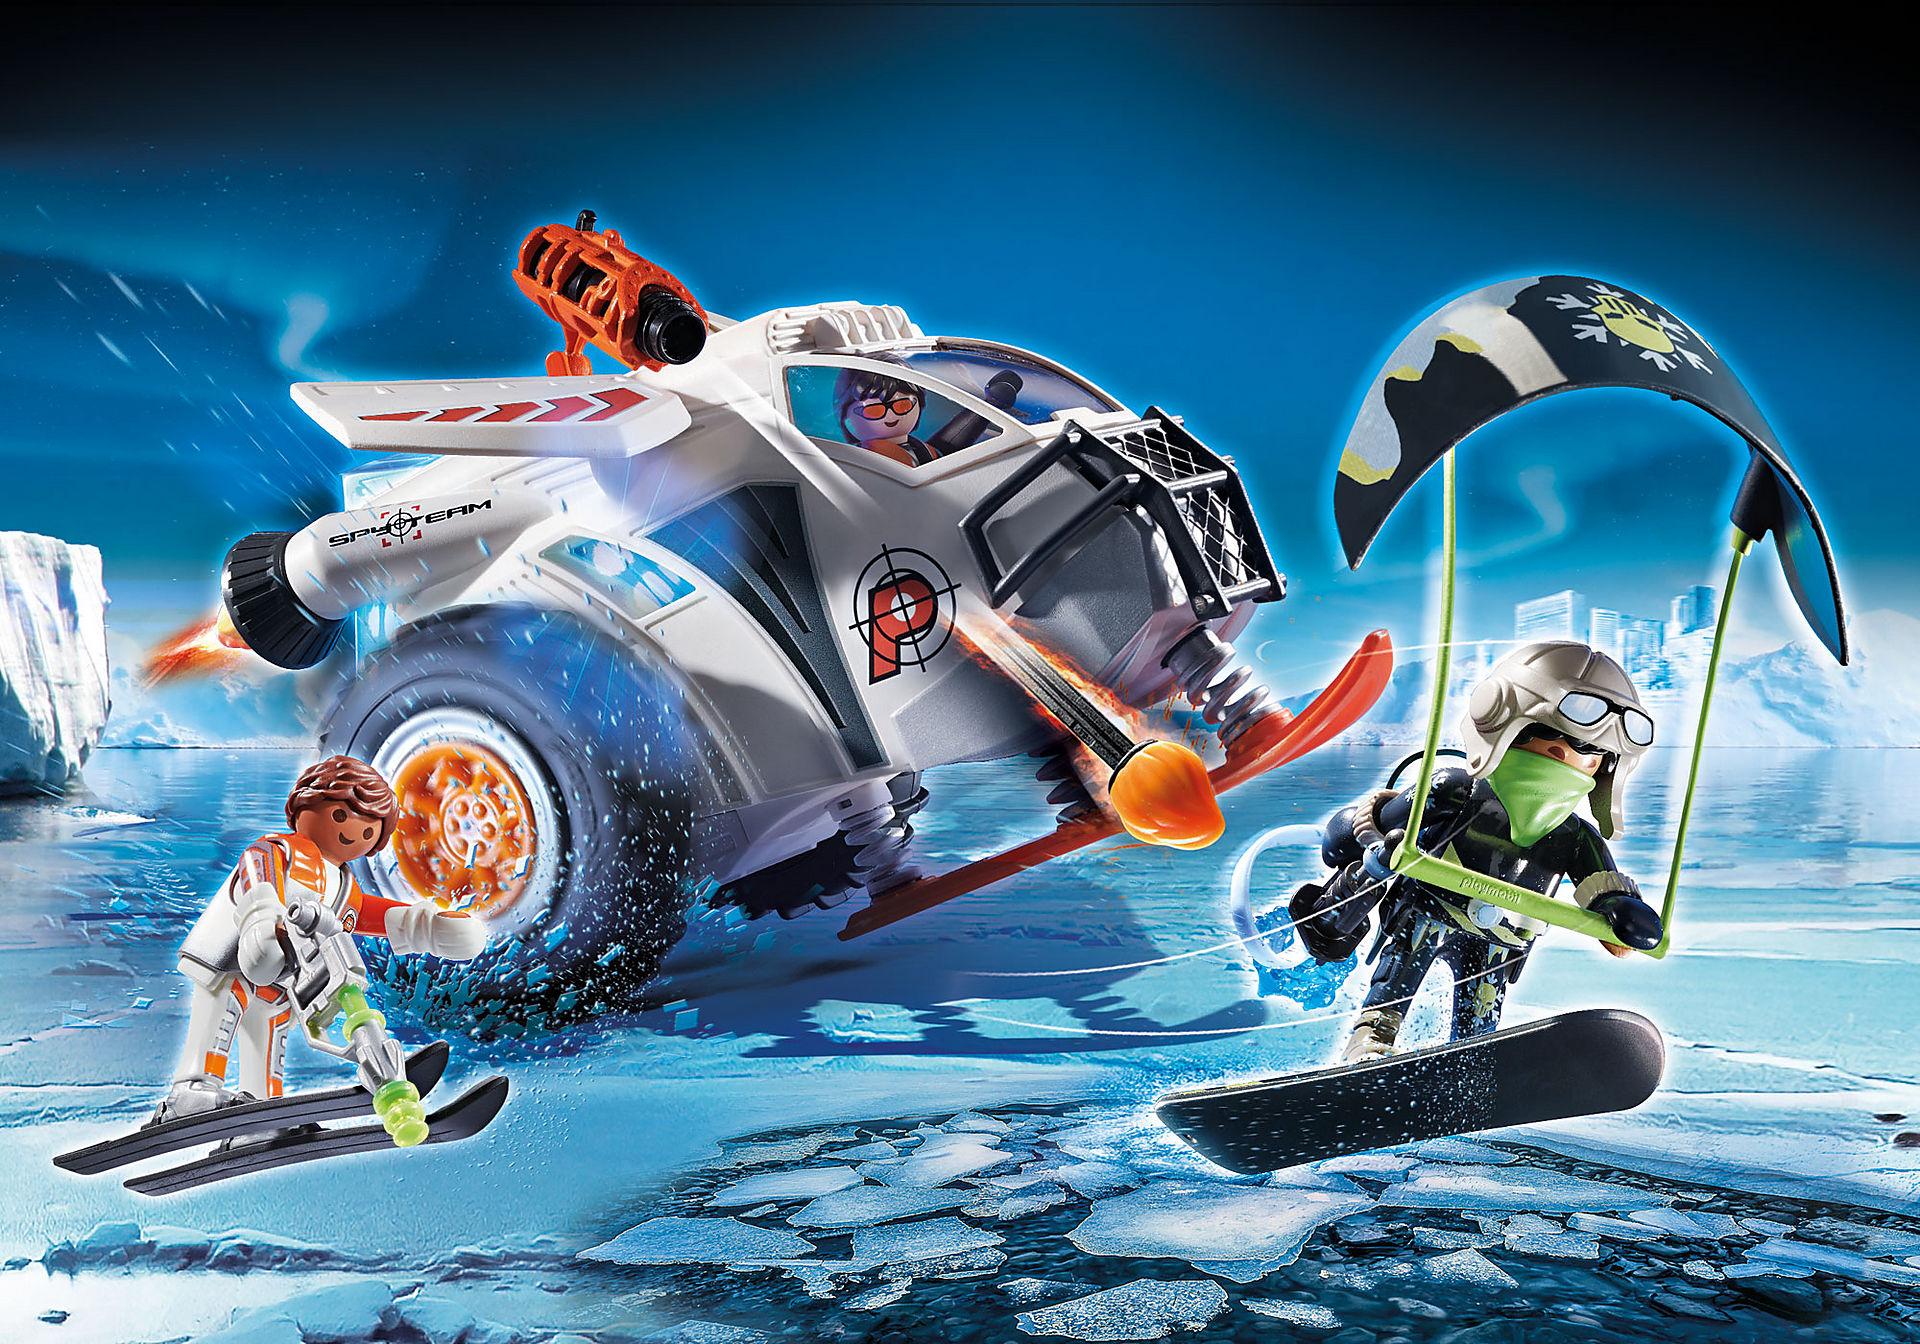 70231 Véhicule des neiges de la Spy Team  zoom image1